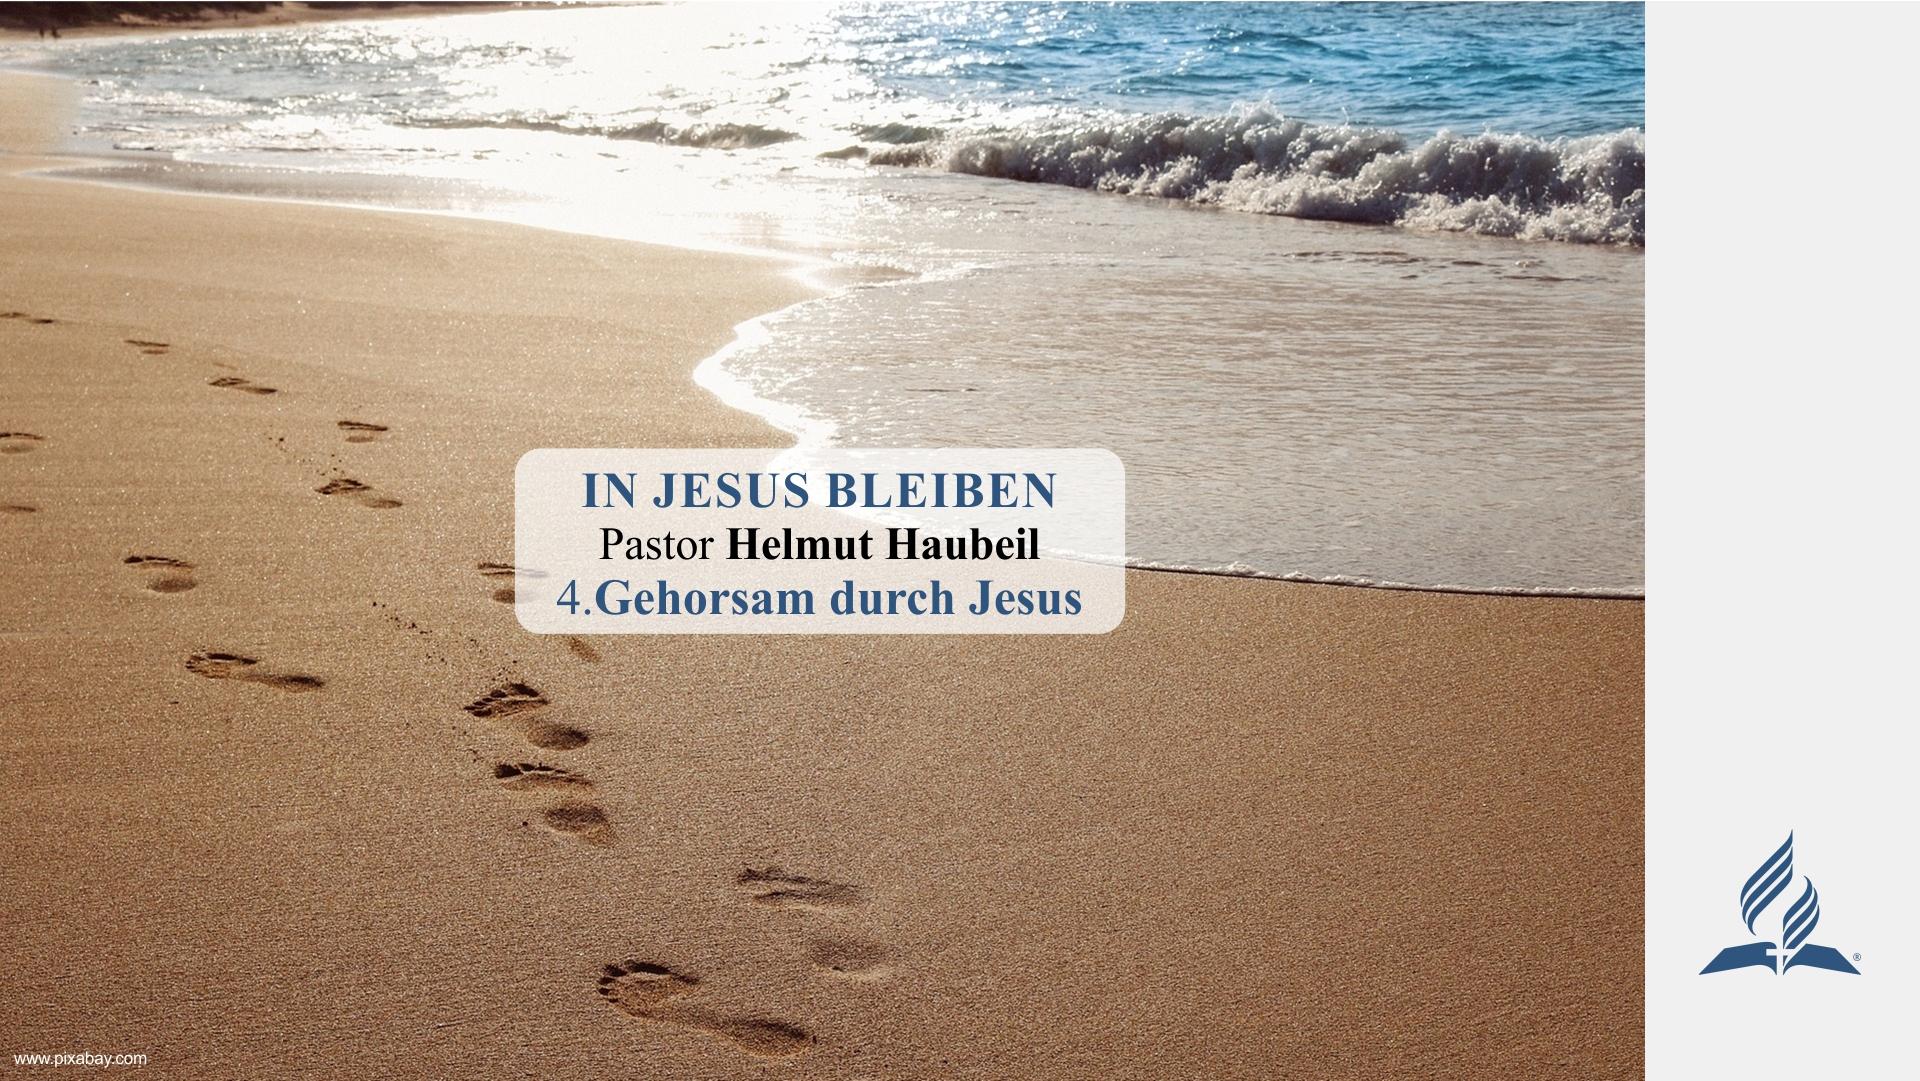 4.Gehorsam durch Jesus – IN JESUS BLEIBEN | Pastor Helmut Haubeil